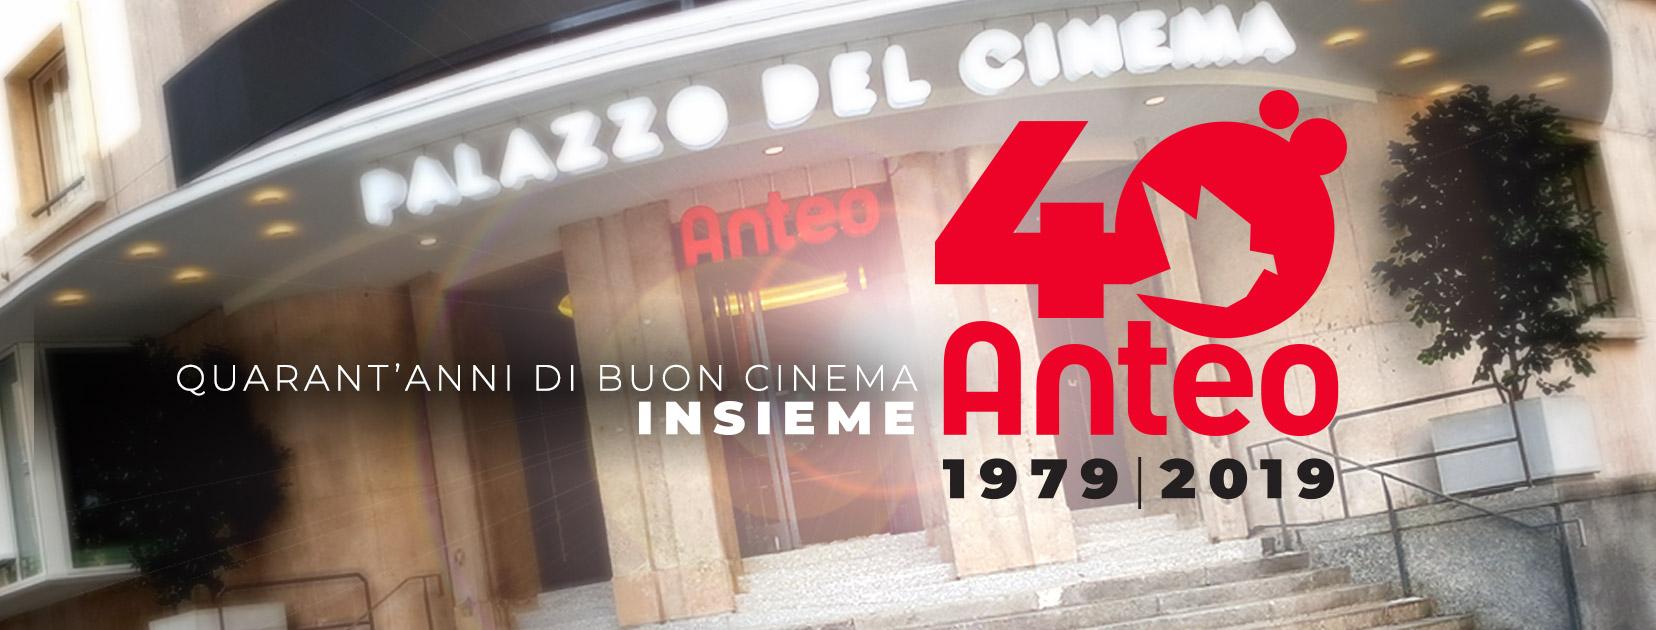 Convenzione citydoormilano Palazzo del Cinema Anteo